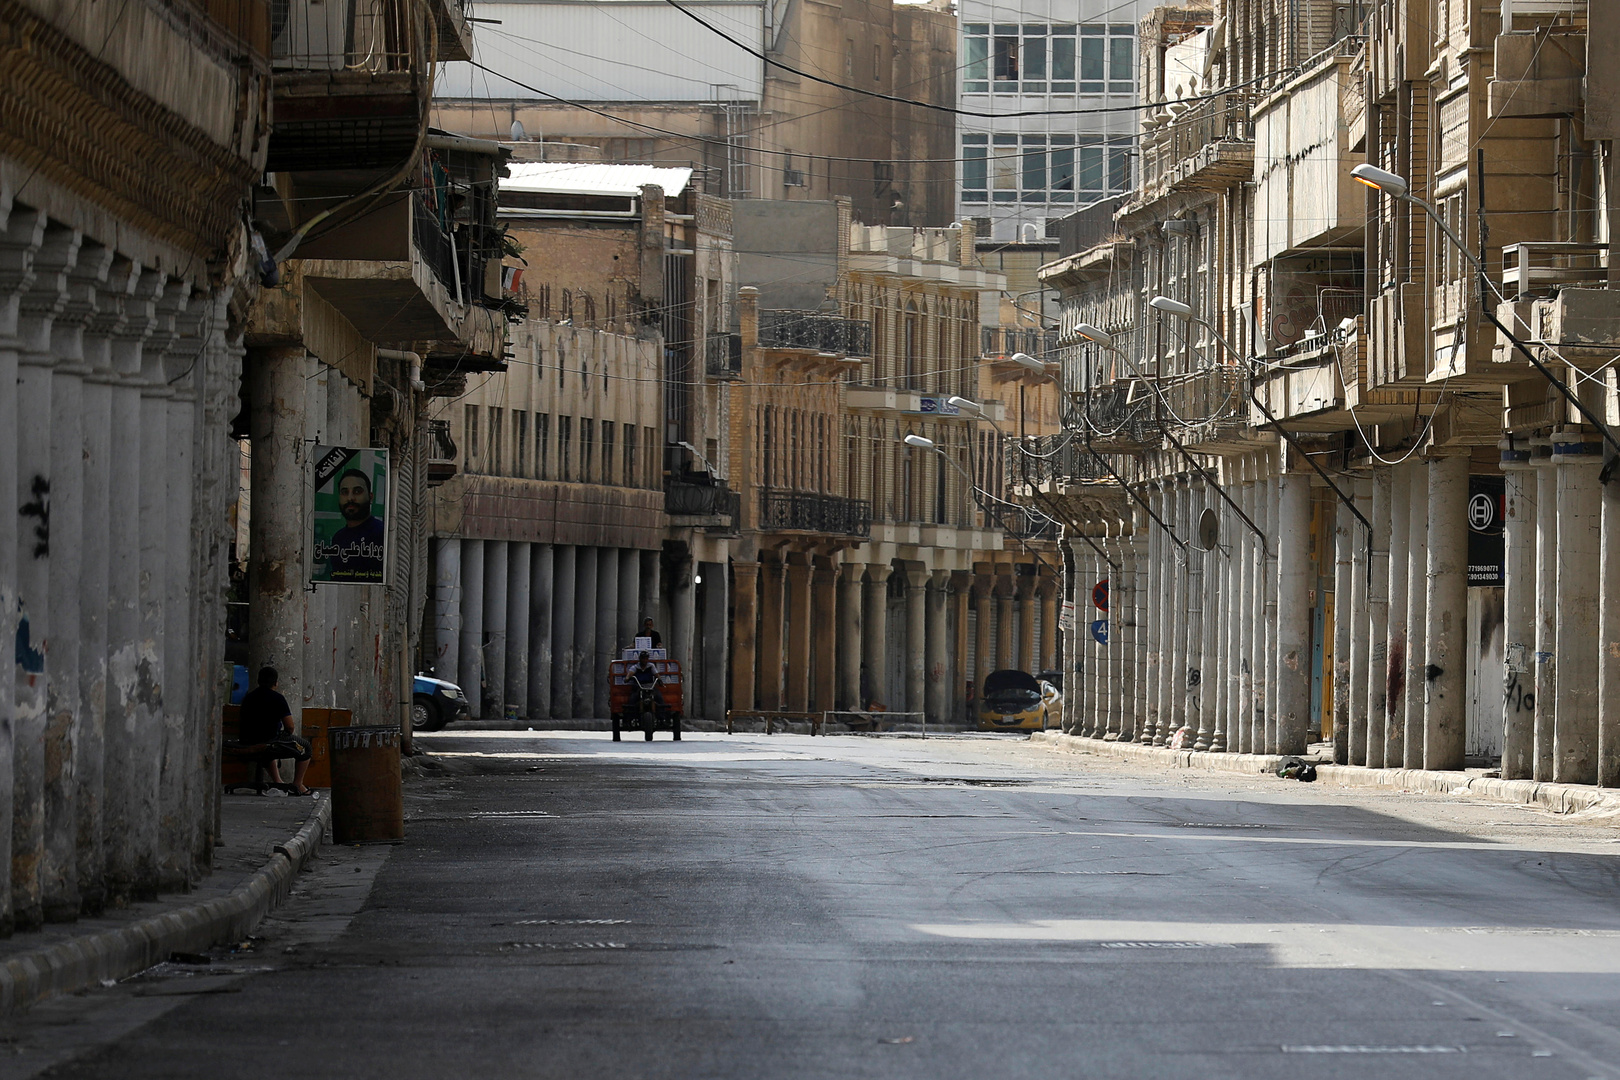 الكاظمي يقرر إطلاق اسم الخبير هشام الهاشمي على أحد شوارع بغداد